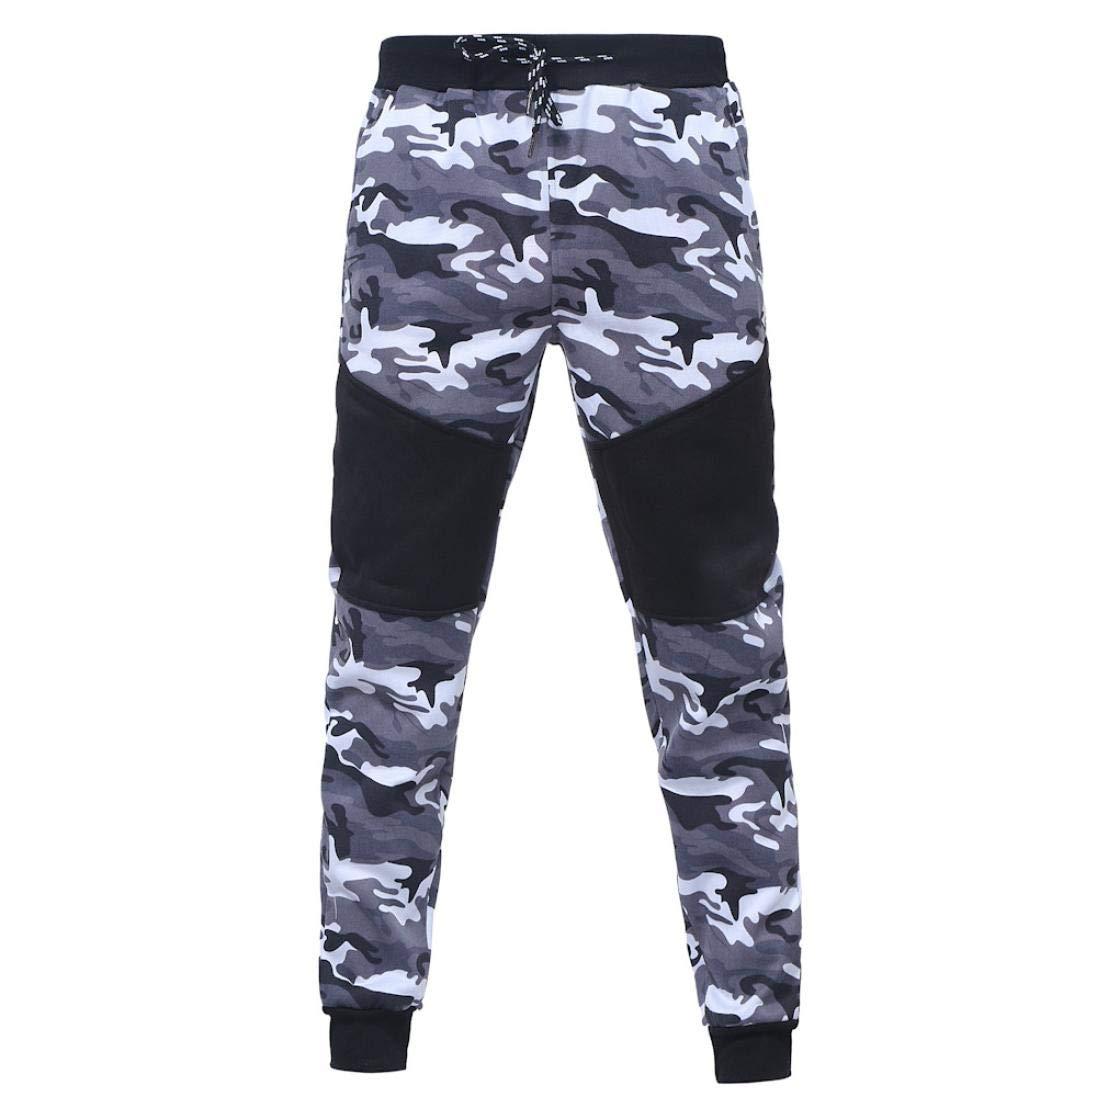 ZODOF Pantalones de ch/ándal de Camuflaje Casuales para Hombre Pantalones de cord/ón Empalme de Camuflaje Negro al Aire Libre de los Hombres